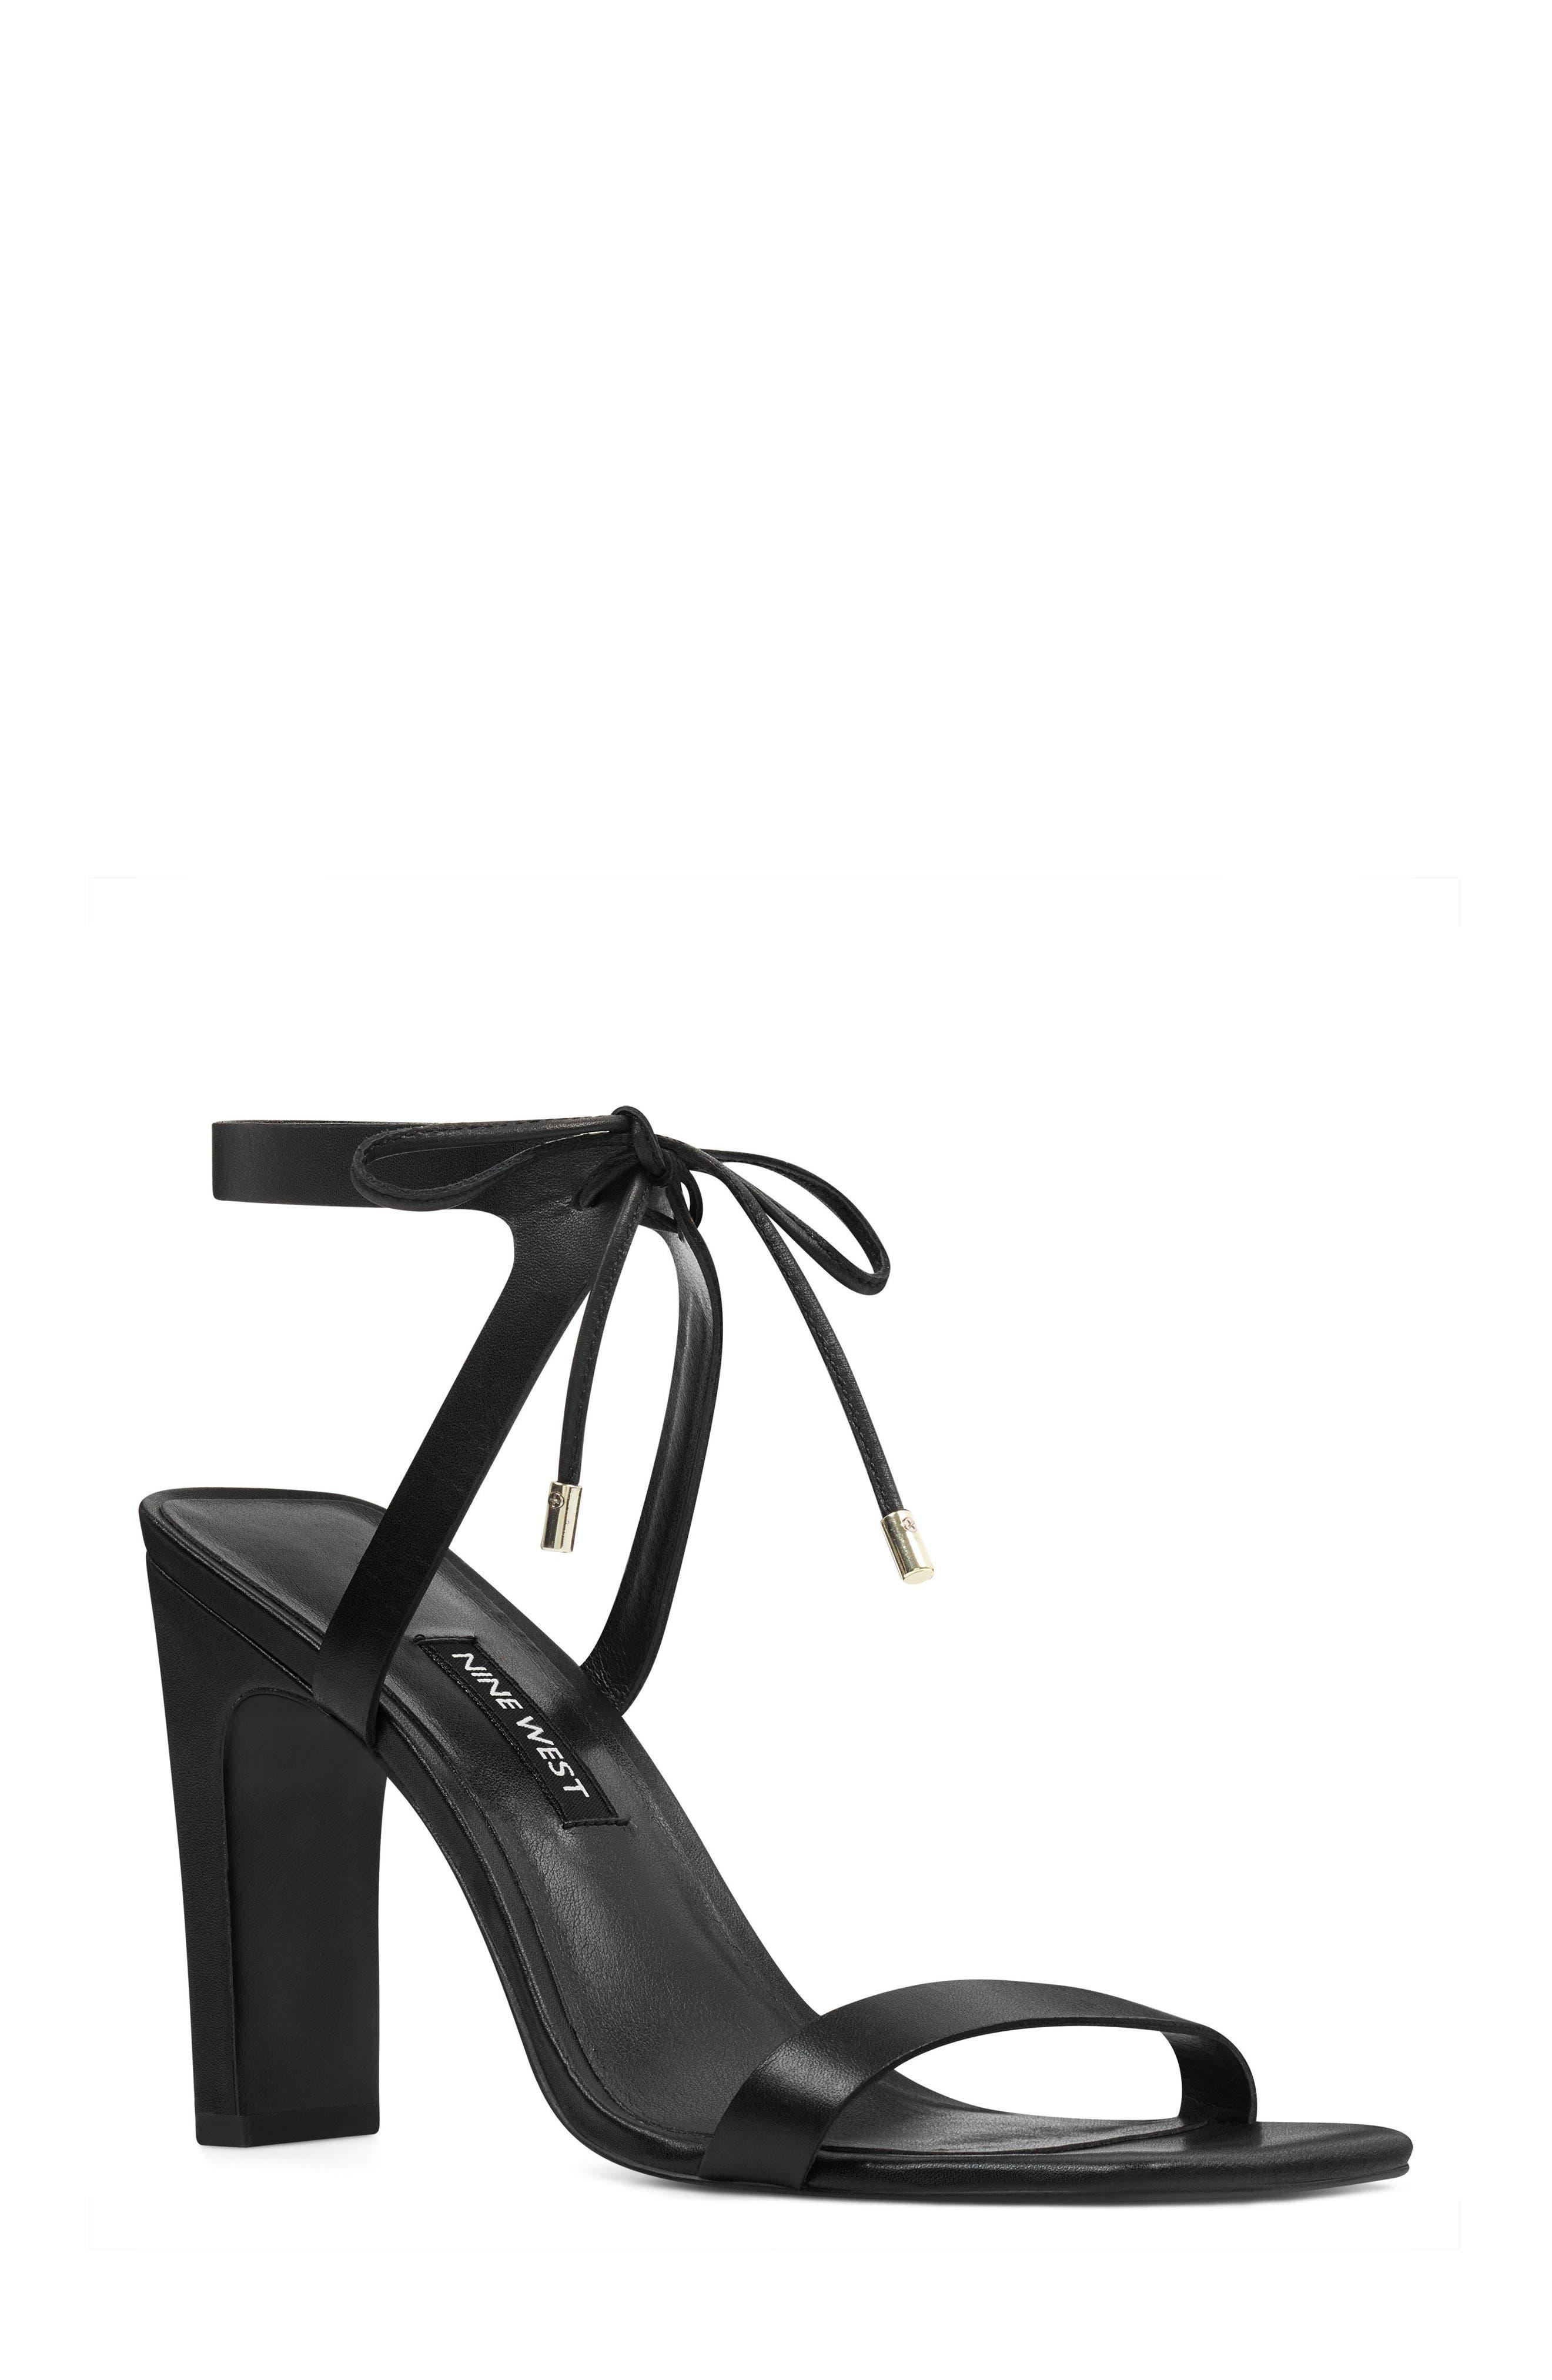 Longitano Squared Toe Sandal,                             Main thumbnail 1, color,                             BLACK LEATHER